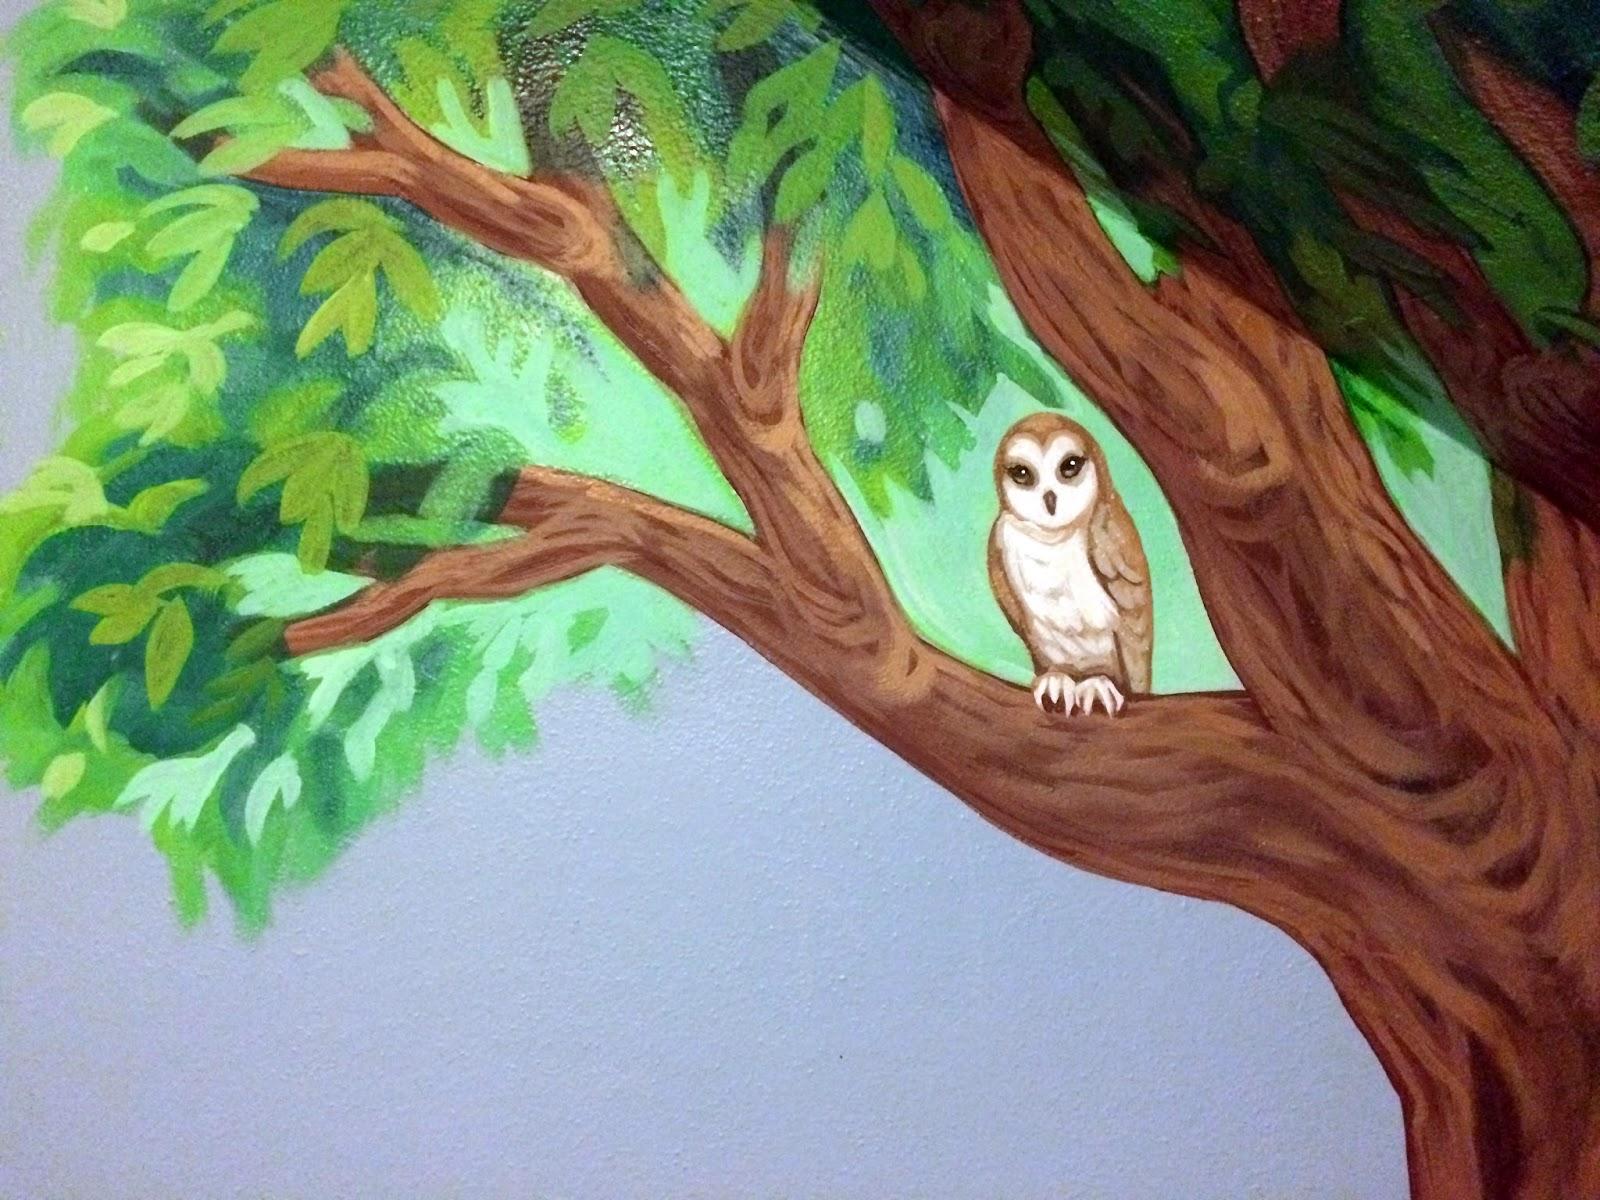 nursery mural, tree mural in nursery, baby room mural, kids room mural, nursery mural portland, portland muralist, portland kids room mural